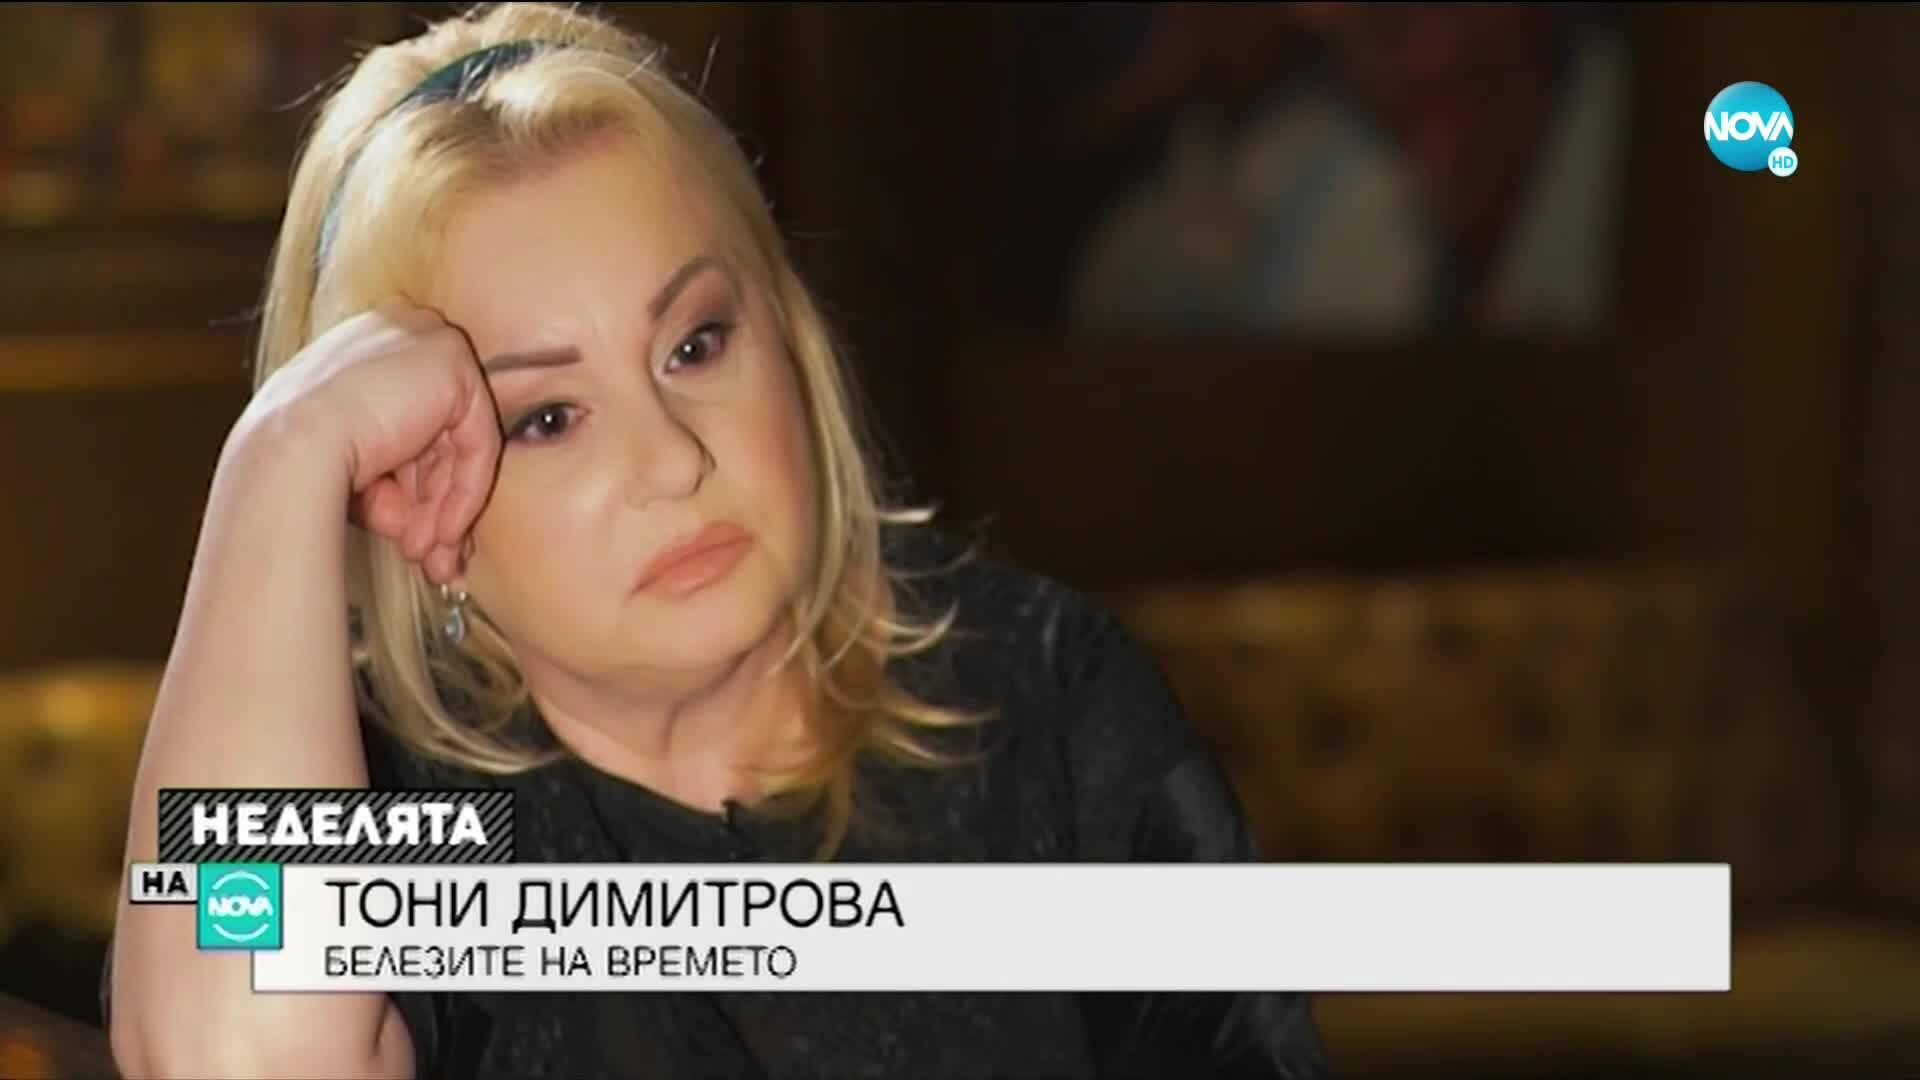 Тони Димитрова: Загубата на брат ми ни съсипа